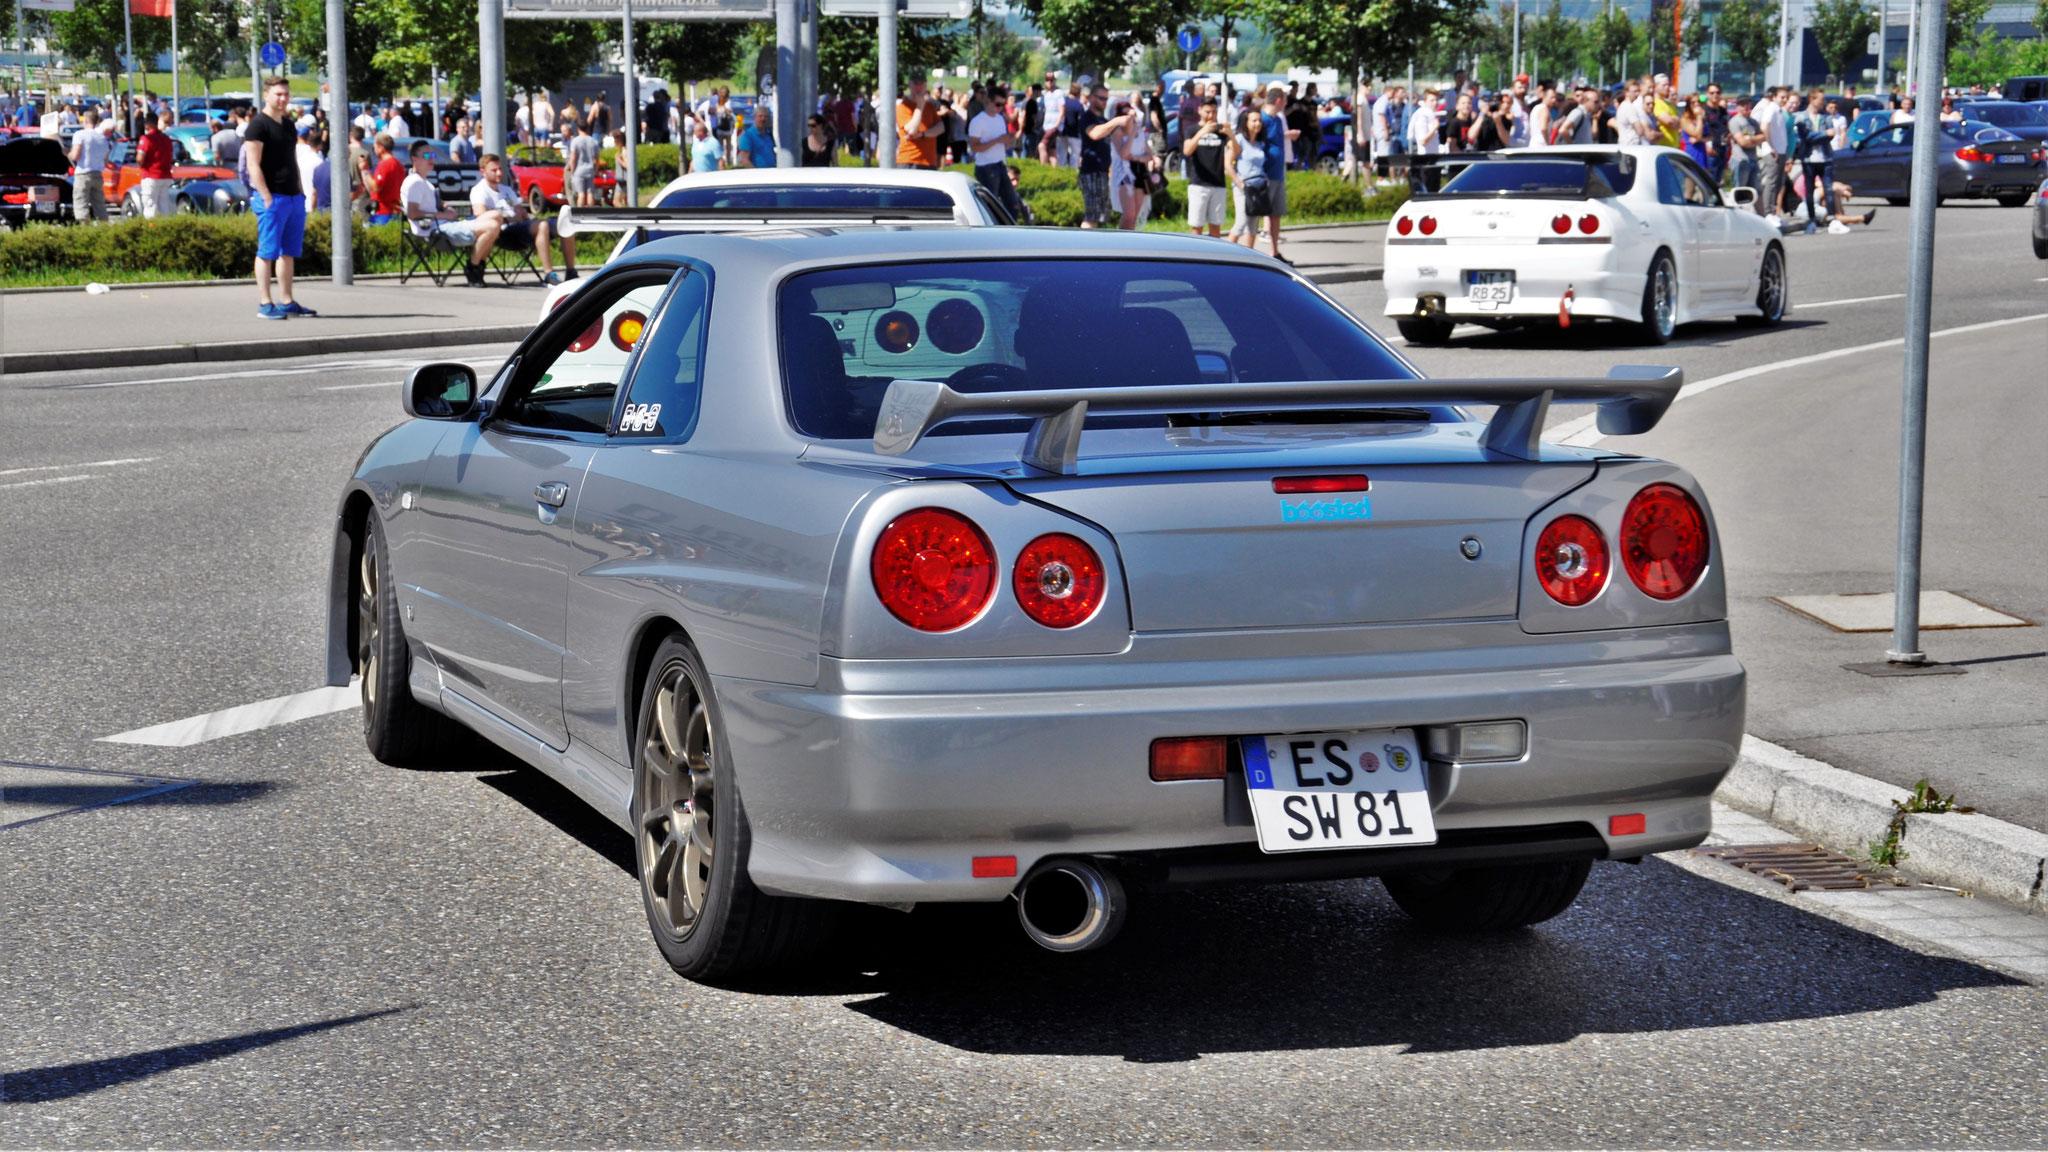 Nissan Nismo GT-R ZTune - ES-SW-81